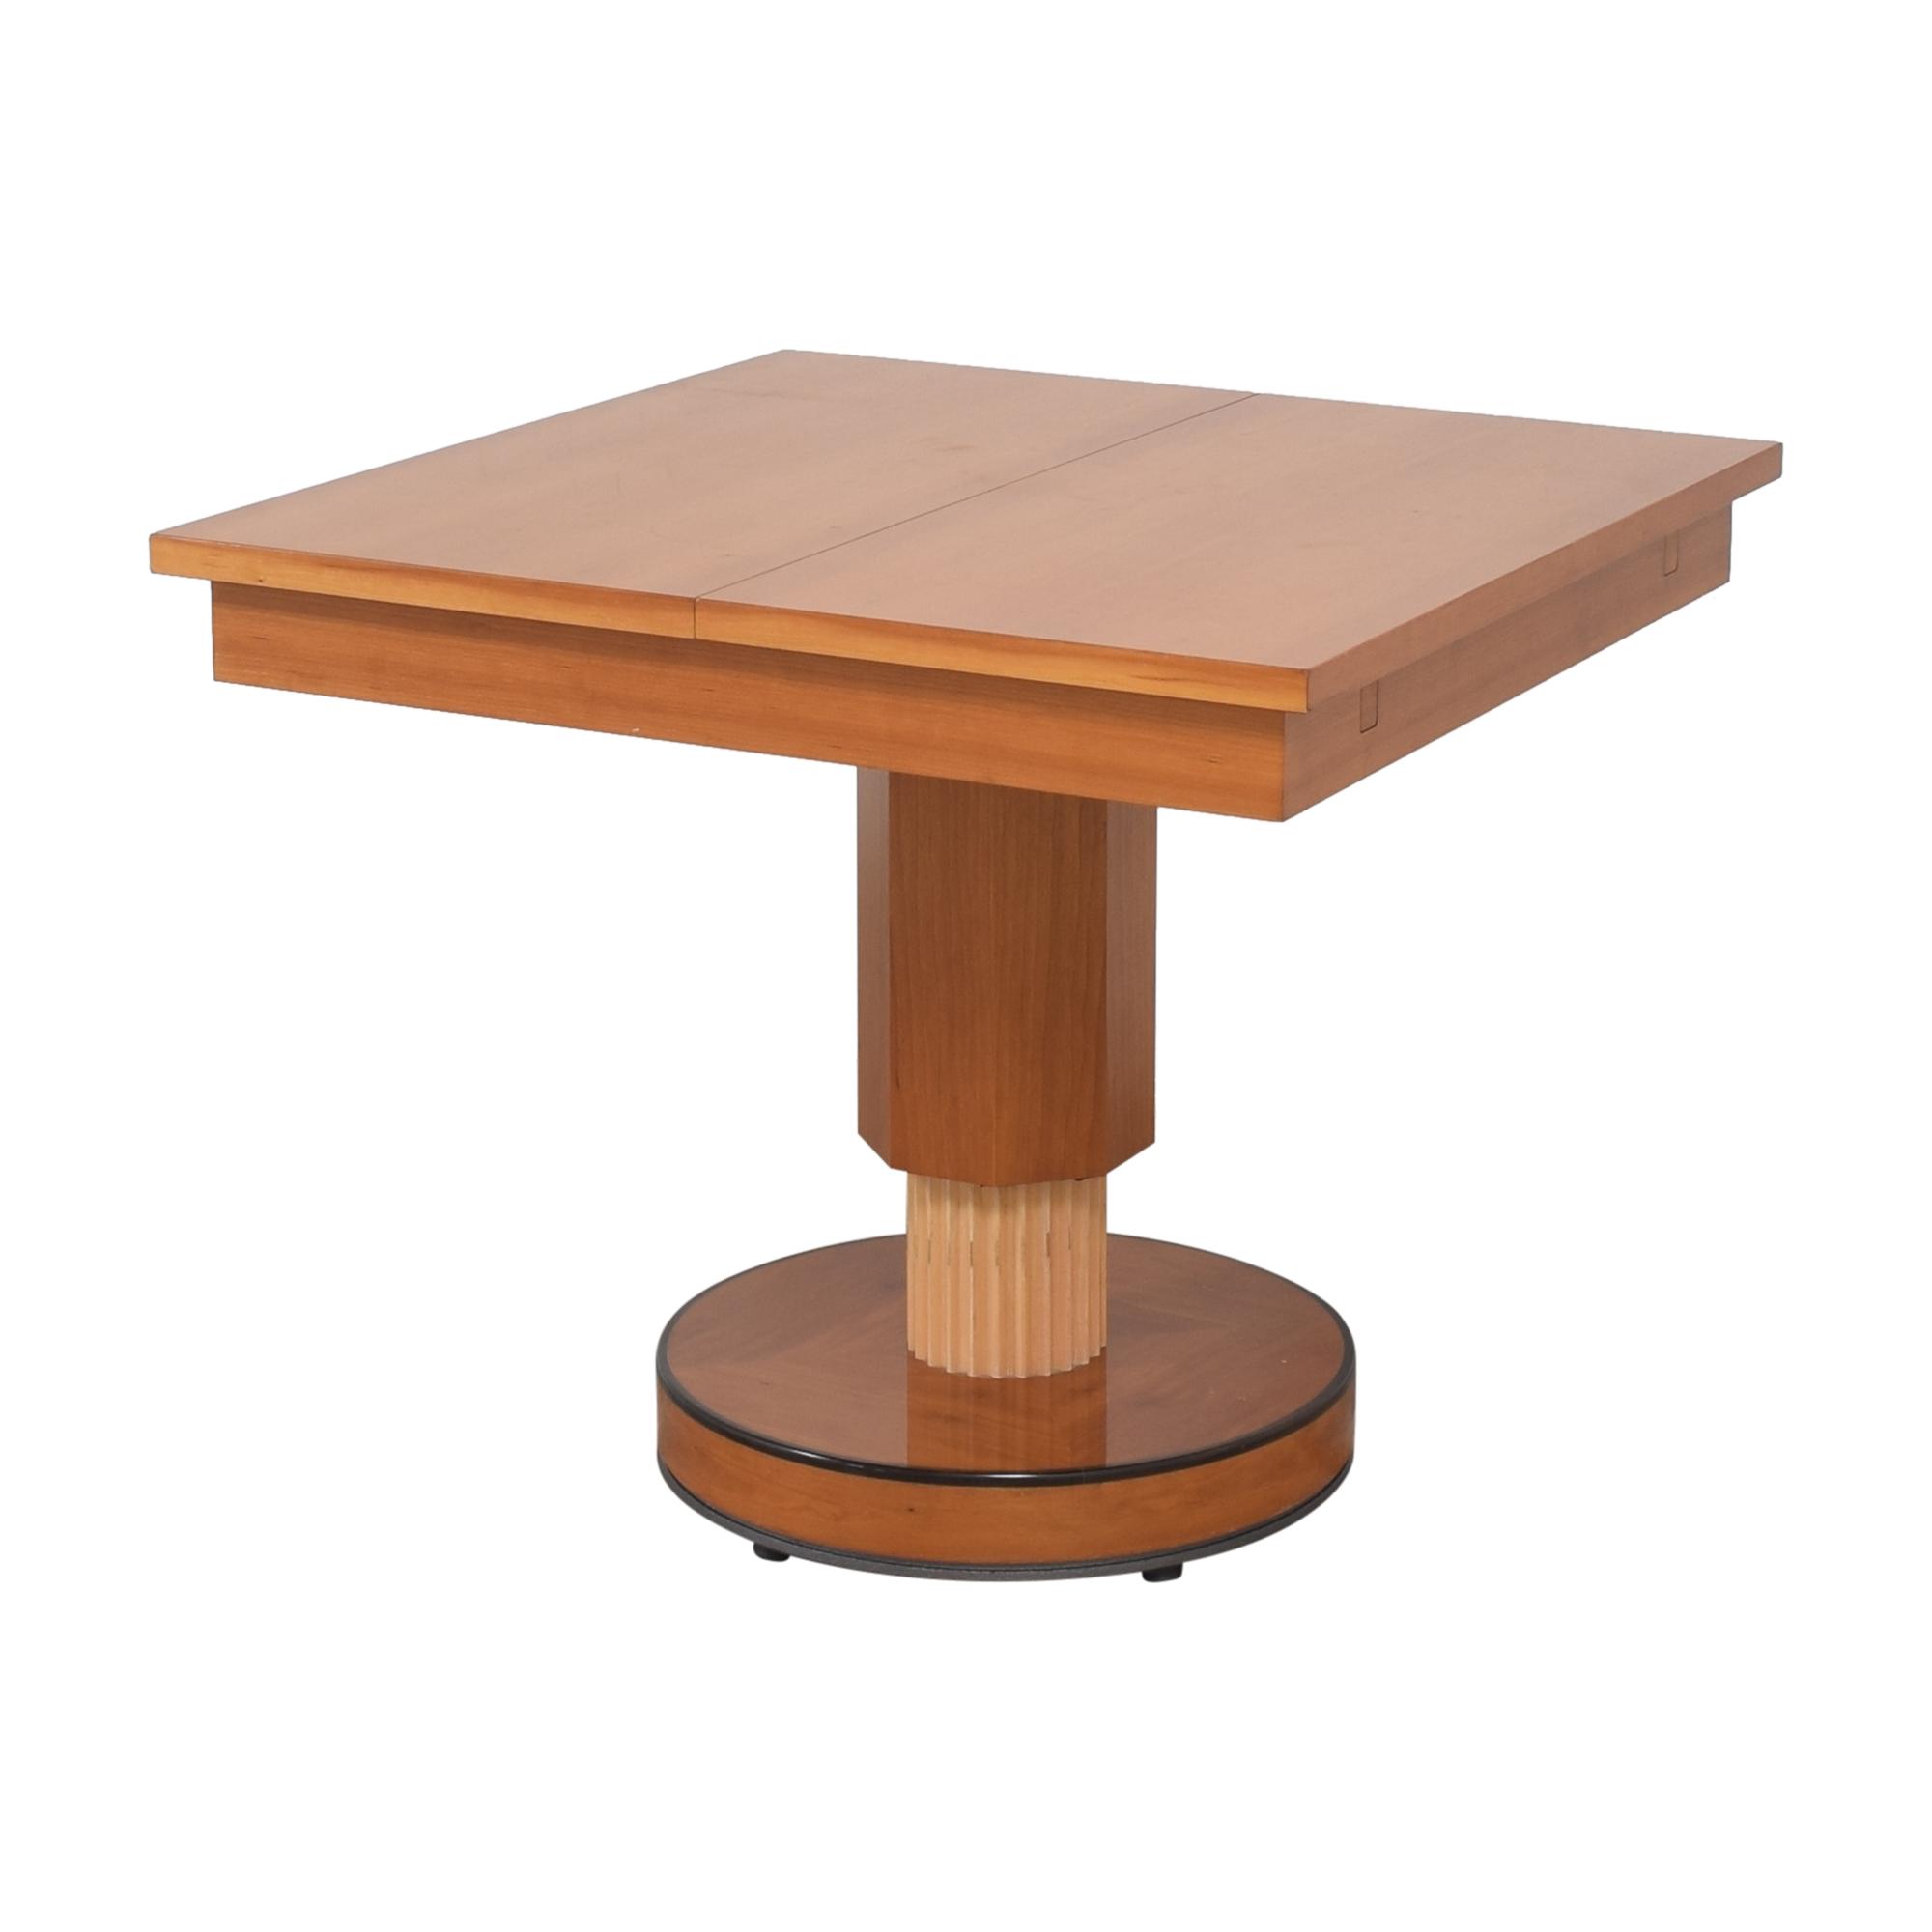 Giorgetti Giorgetti Square Extendable Dining Table nj